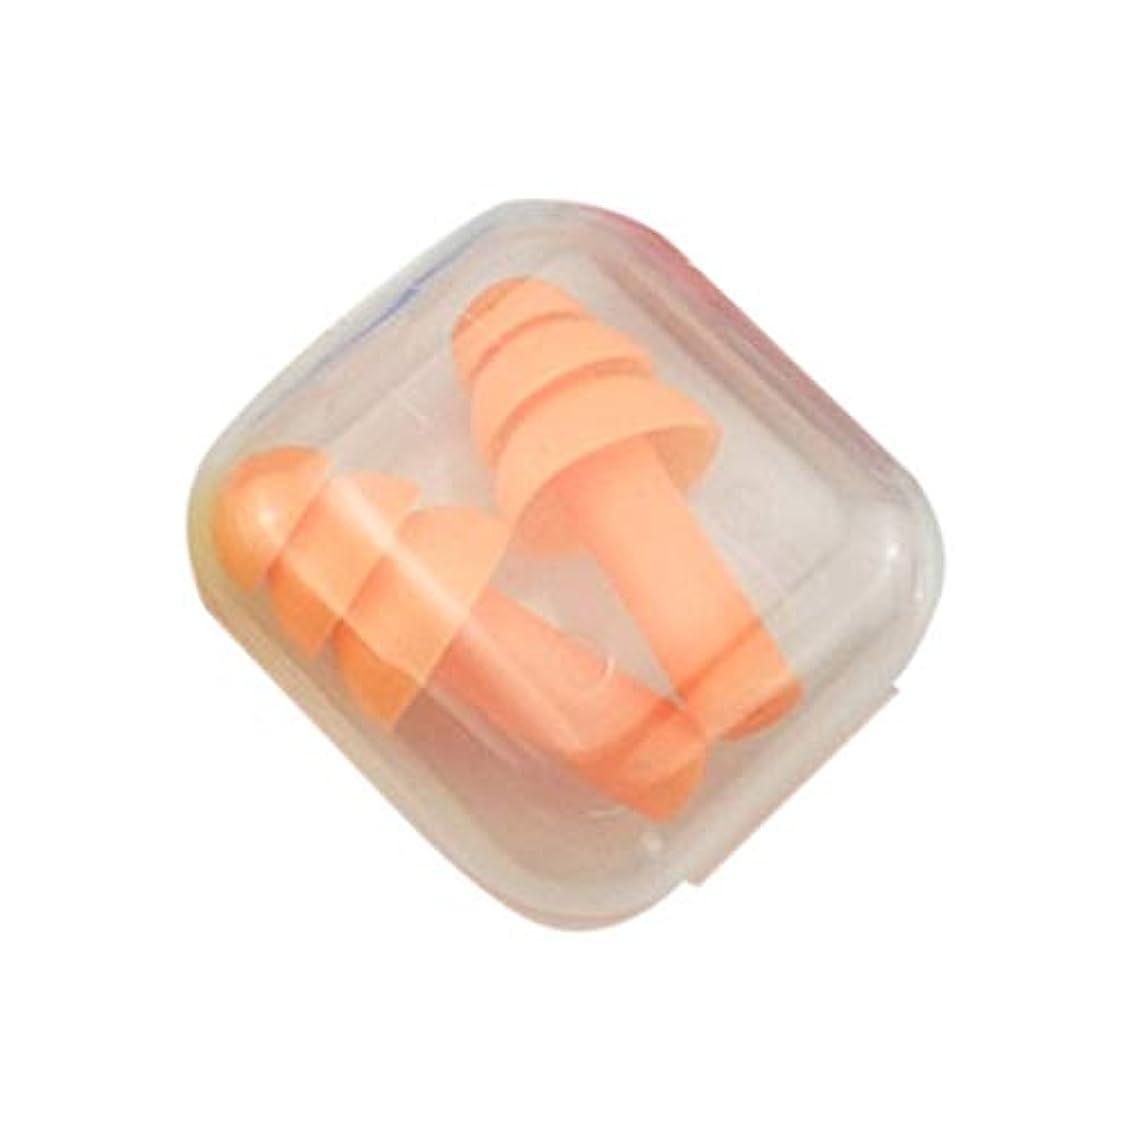 奇妙なワイド弾丸ノイズ低減イヤープラグ、いびきをかくための睡眠の射撃のための1対のシリコーンのイヤープラグ、イヤープラグノイズキャンセリング&聴覚保護